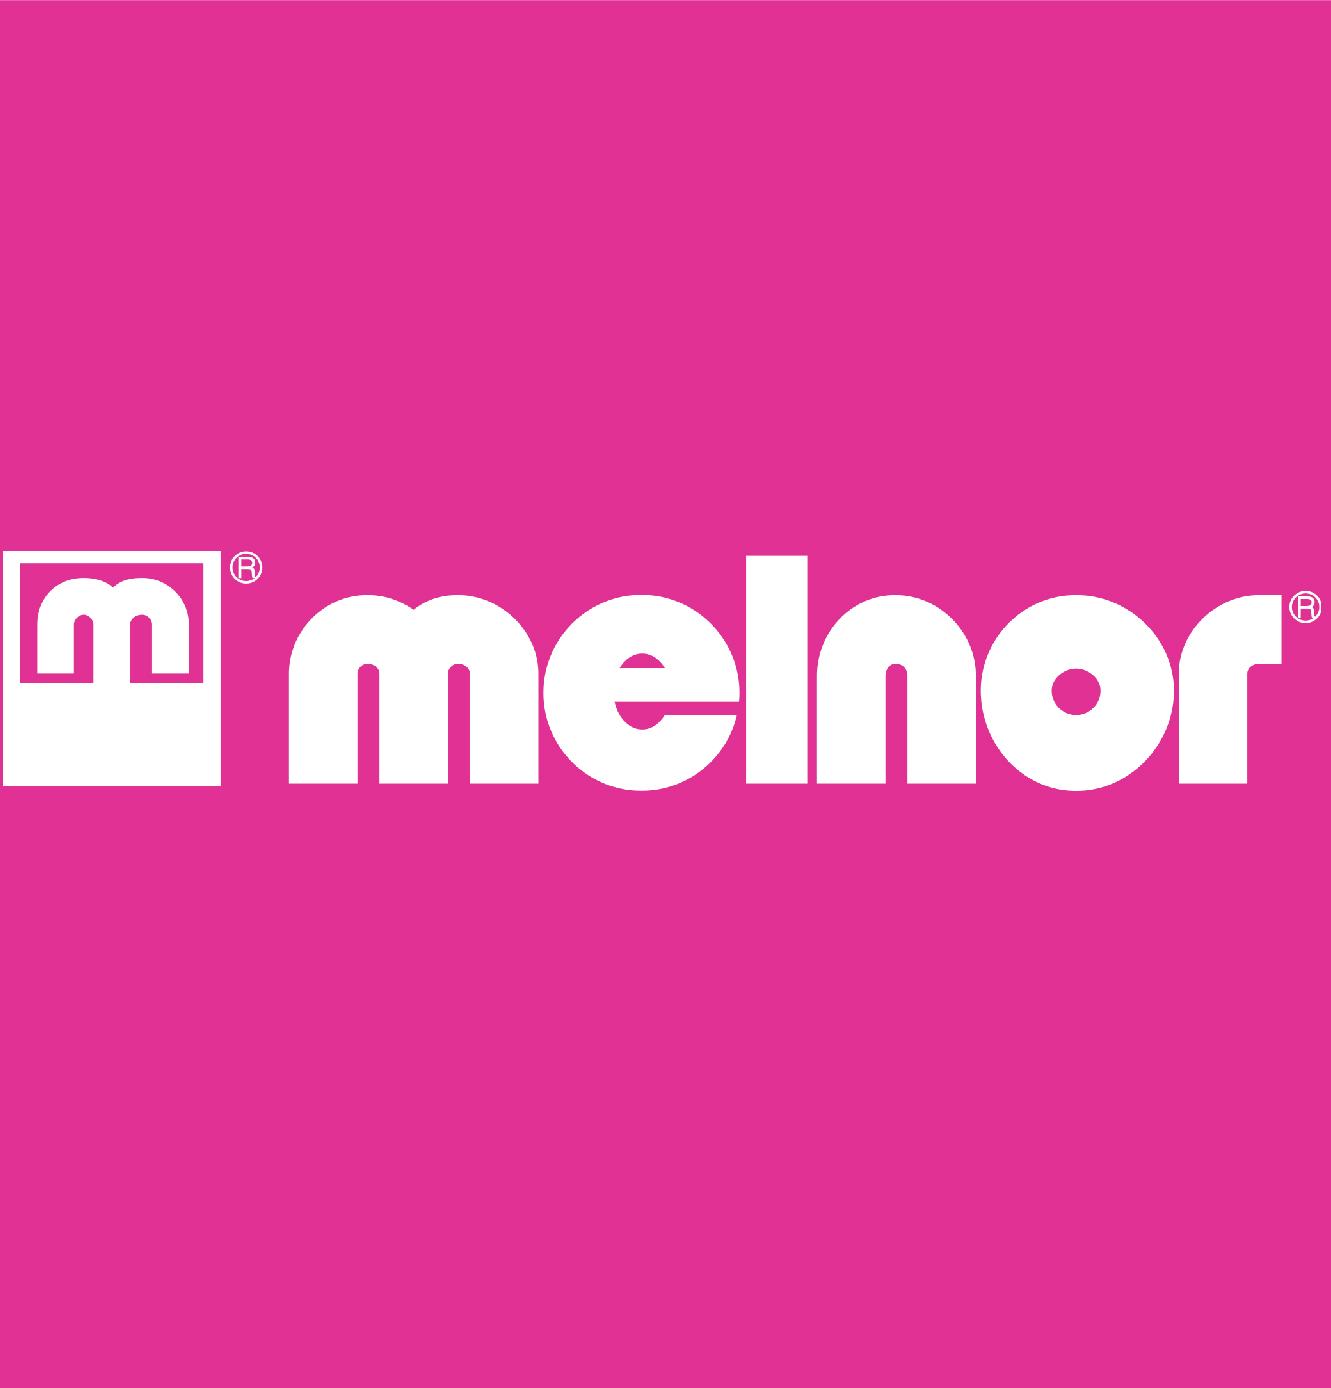 Melnore-01.jpg